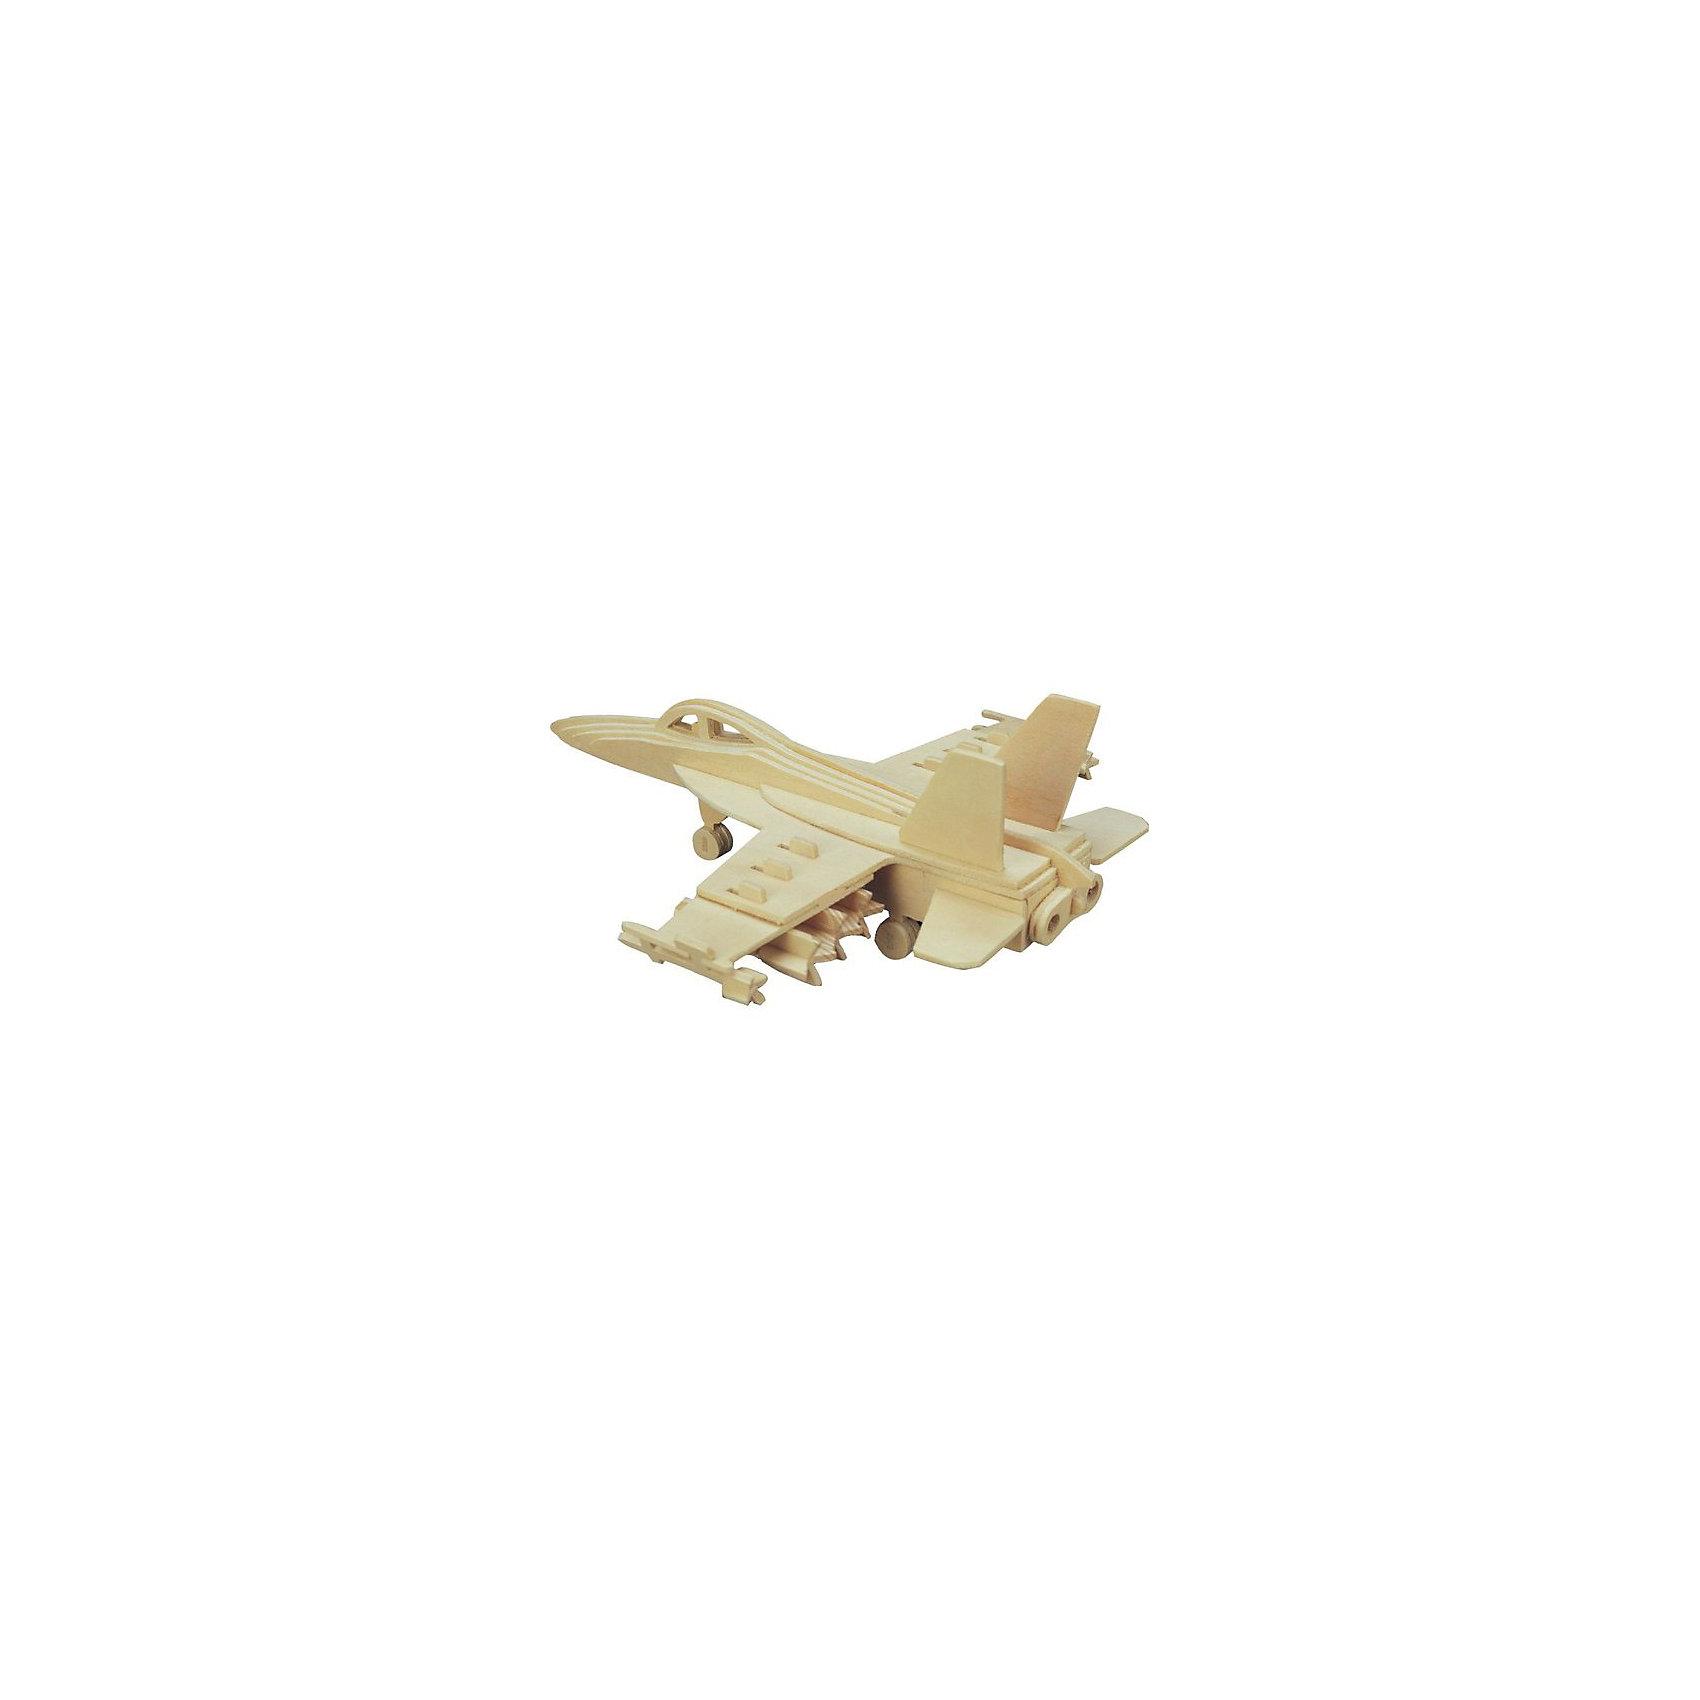 Самолет Ф-18, Мир деревянных игрушекРукоделие<br>Отличный вариант подарка для любящего технику творческого ребенка - этот набор, из которого можно самому сделать красивую деревянную фигуру! Для этого нужно выдавить из пластины с деталями элементы для сборки и соединить их. Из наборов получаются красивые очень реалистичные игрушки, которые могут стать украшением комнаты.<br>Собирая их, ребенок будет развивать пространственное мышление, память и мелкую моторику. А раскрашивая готовое произведение, дети научатся подбирать цвета и будут развивать художественные навыки. Этот набор произведен из качественных и безопасных для детей материалов - дерево тщательно обработано.<br><br>Дополнительная информация:<br><br>материал: дерево;<br>цвет: бежевый;<br>элементы: пластины с деталями для сборки, схема сборки;<br>размер упаковки: 23 х 18 см.<br><br>3D-пазл Самолет Ф-18 от бренда Мир деревянных игрушек можно купить в нашем магазине.<br><br>Ширина мм: 350<br>Глубина мм: 50<br>Высота мм: 225<br>Вес г: 450<br>Возраст от месяцев: 36<br>Возраст до месяцев: 144<br>Пол: Мужской<br>Возраст: Детский<br>SKU: 4969148